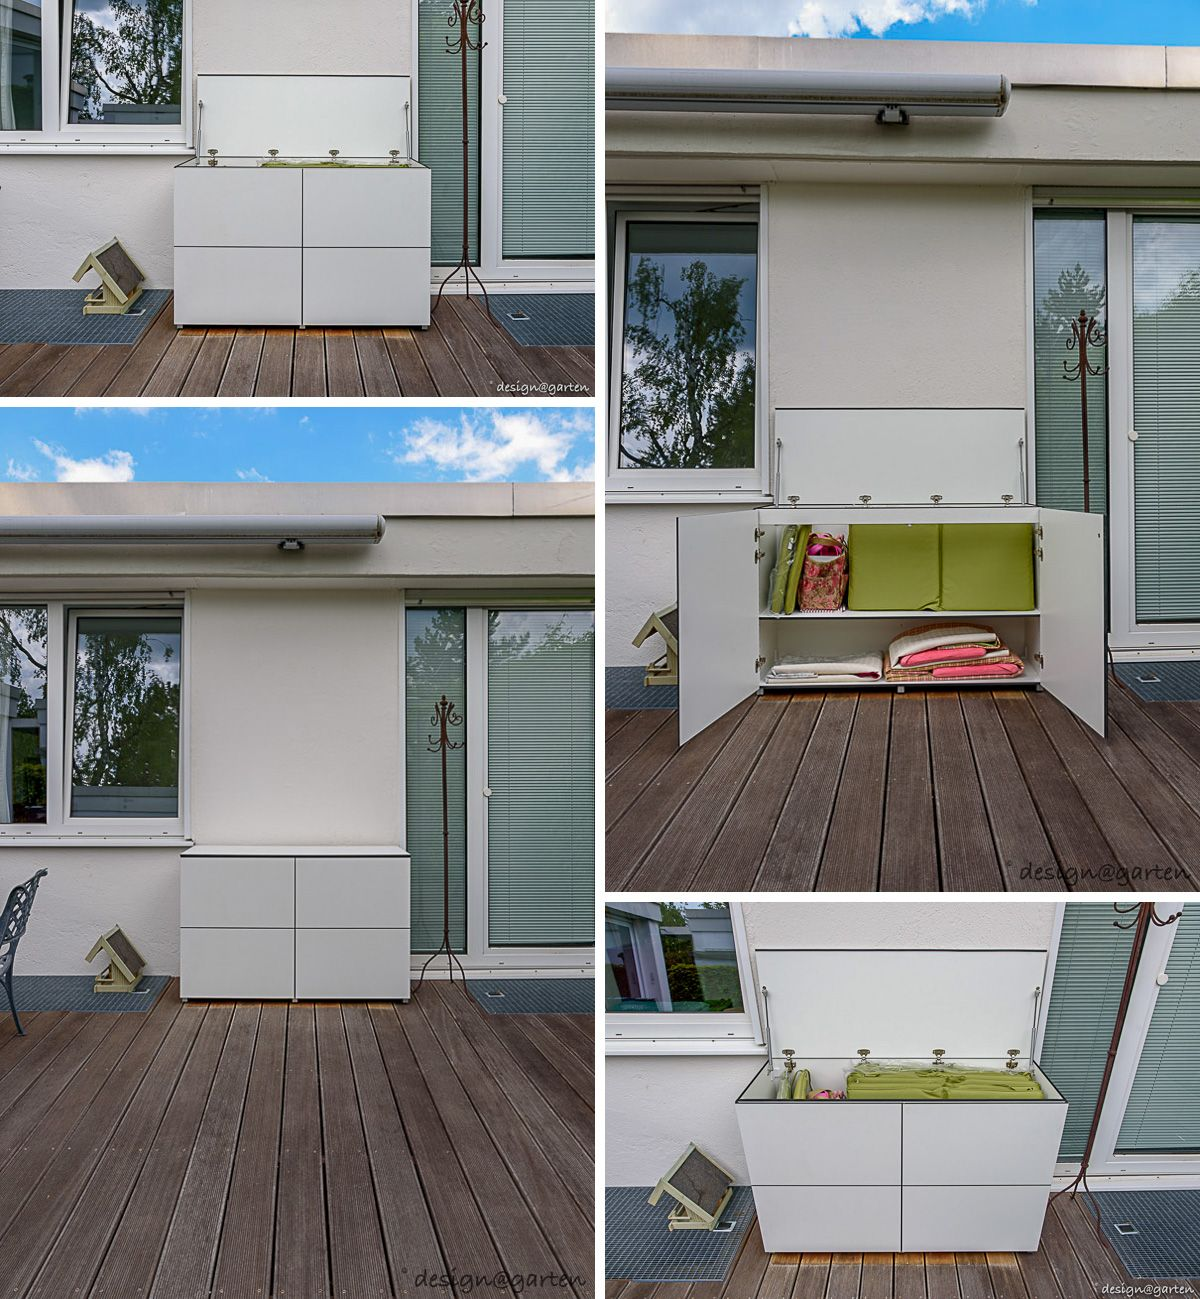 Balkonschrank Terrassenschrank Win By Design Garten Augsburg